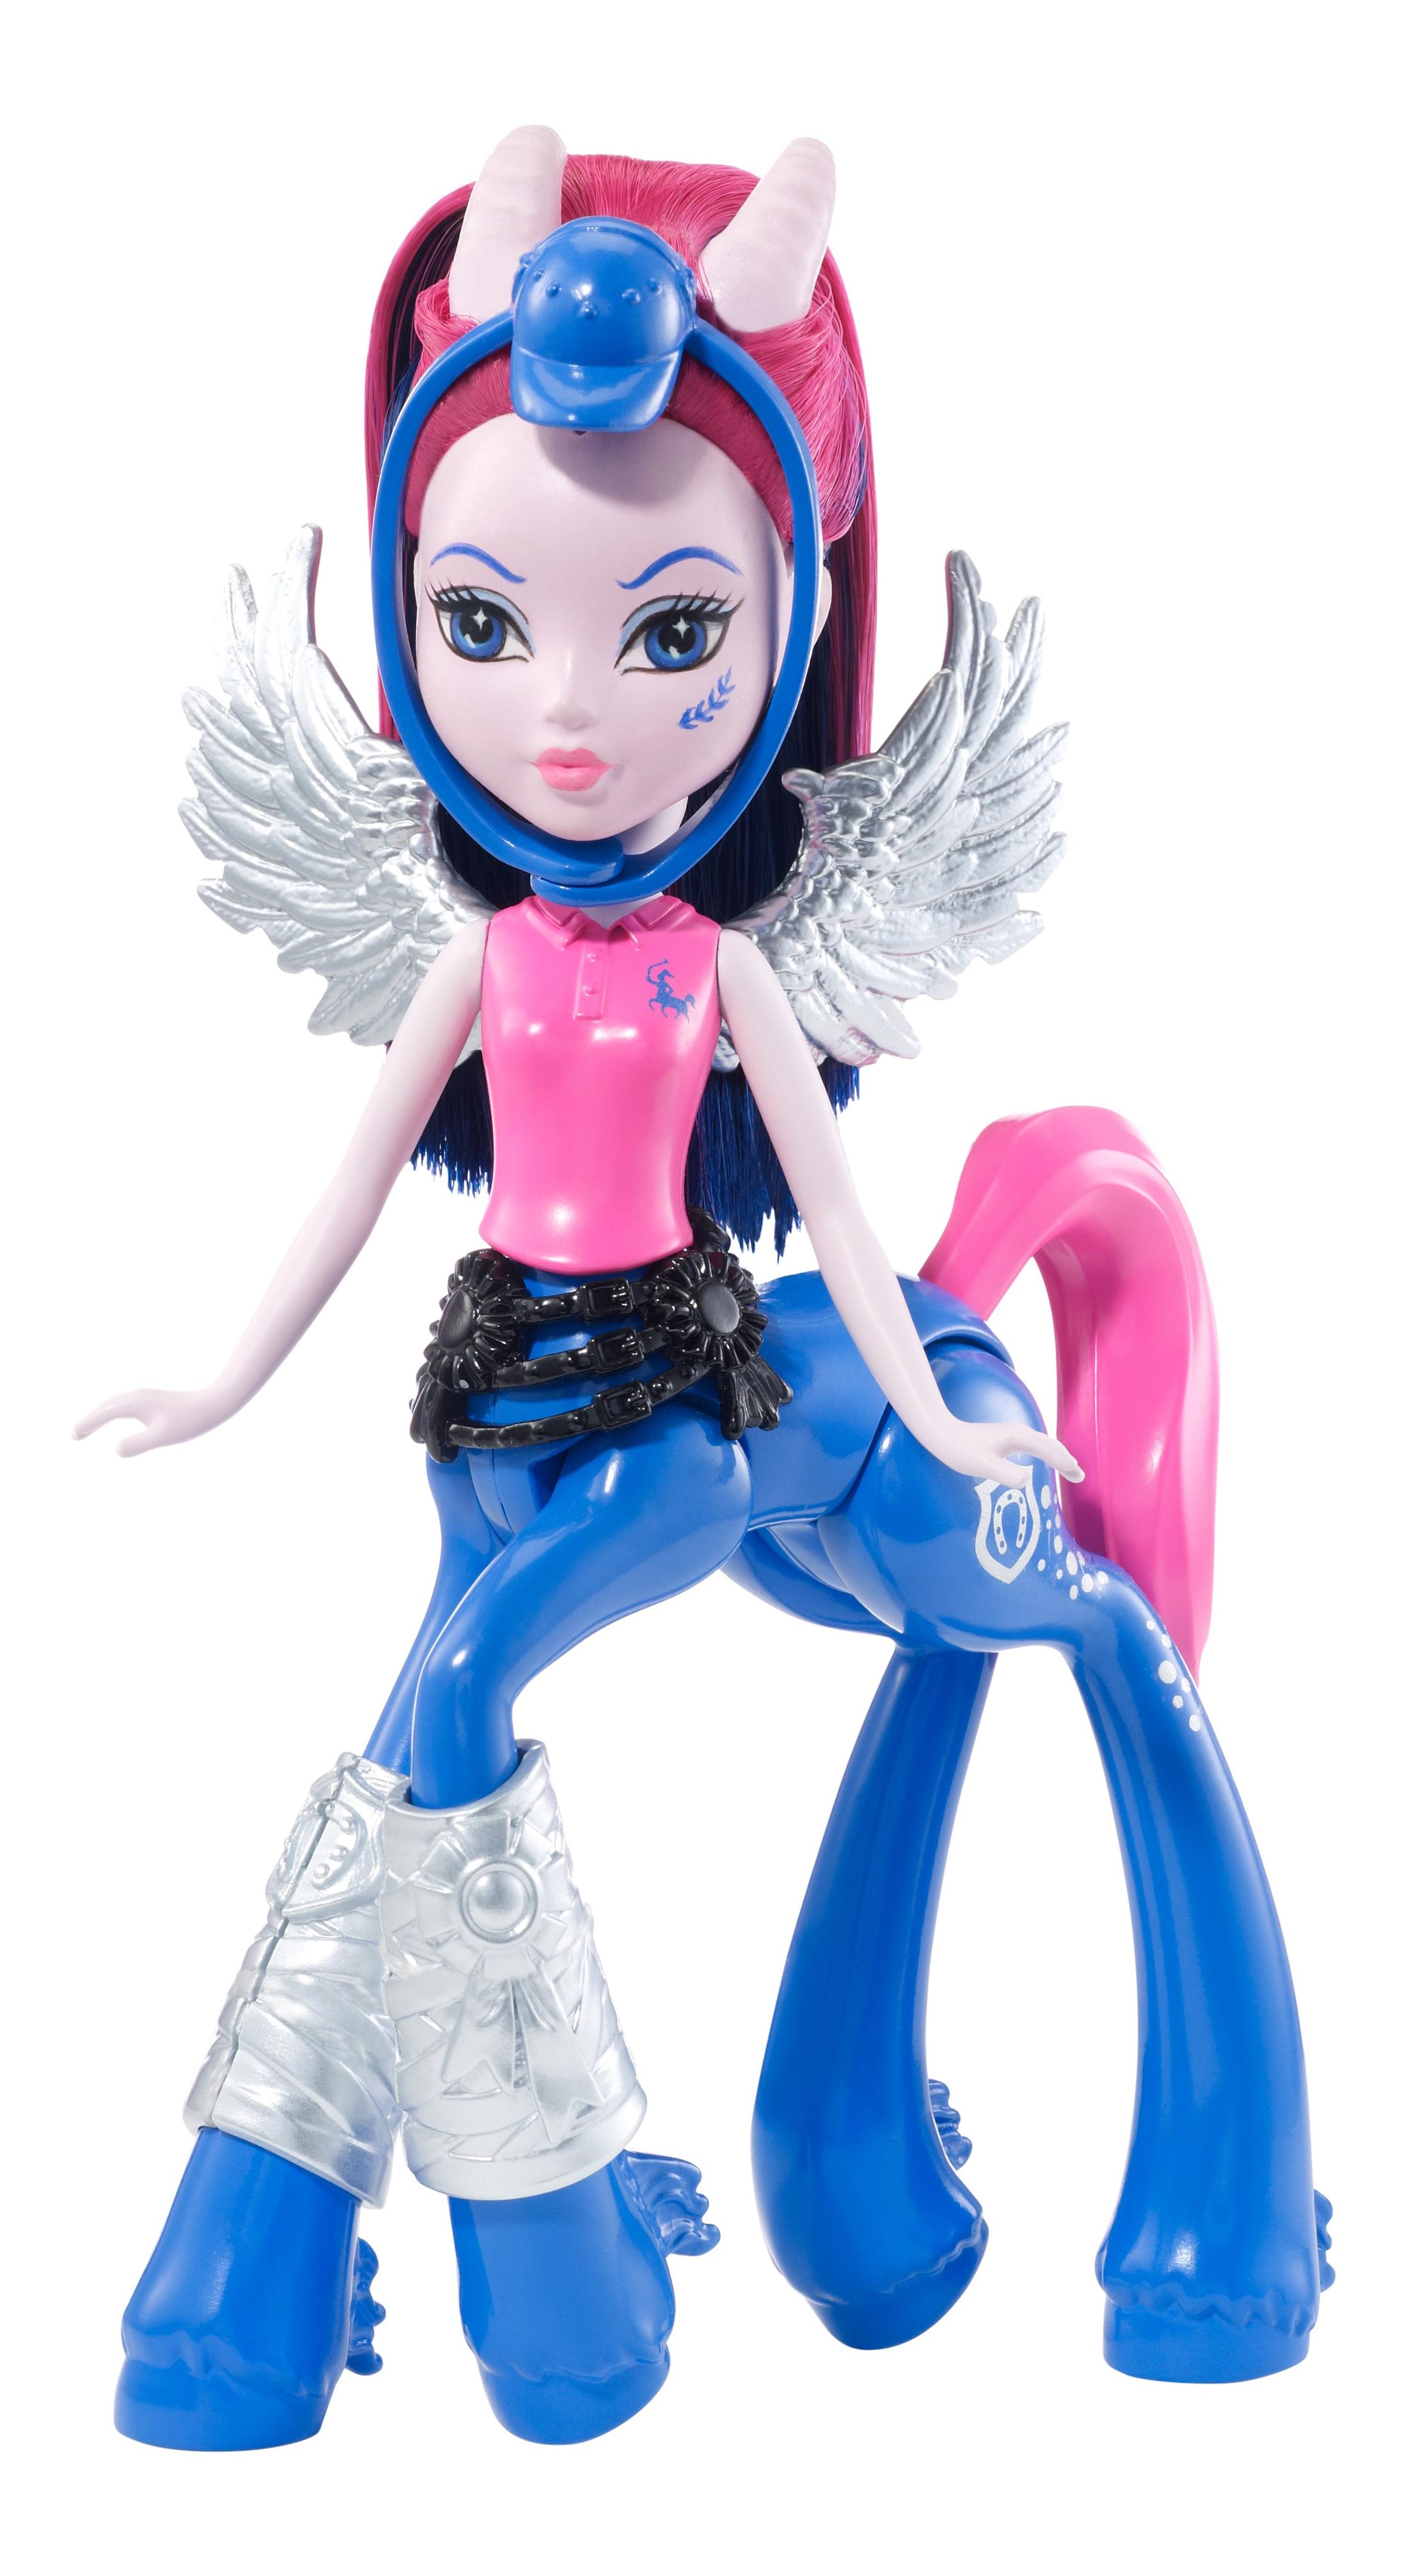 Купить Кукла Monster High Пайксис Препстокингс DGD12 DGD13, Куклы Monster High